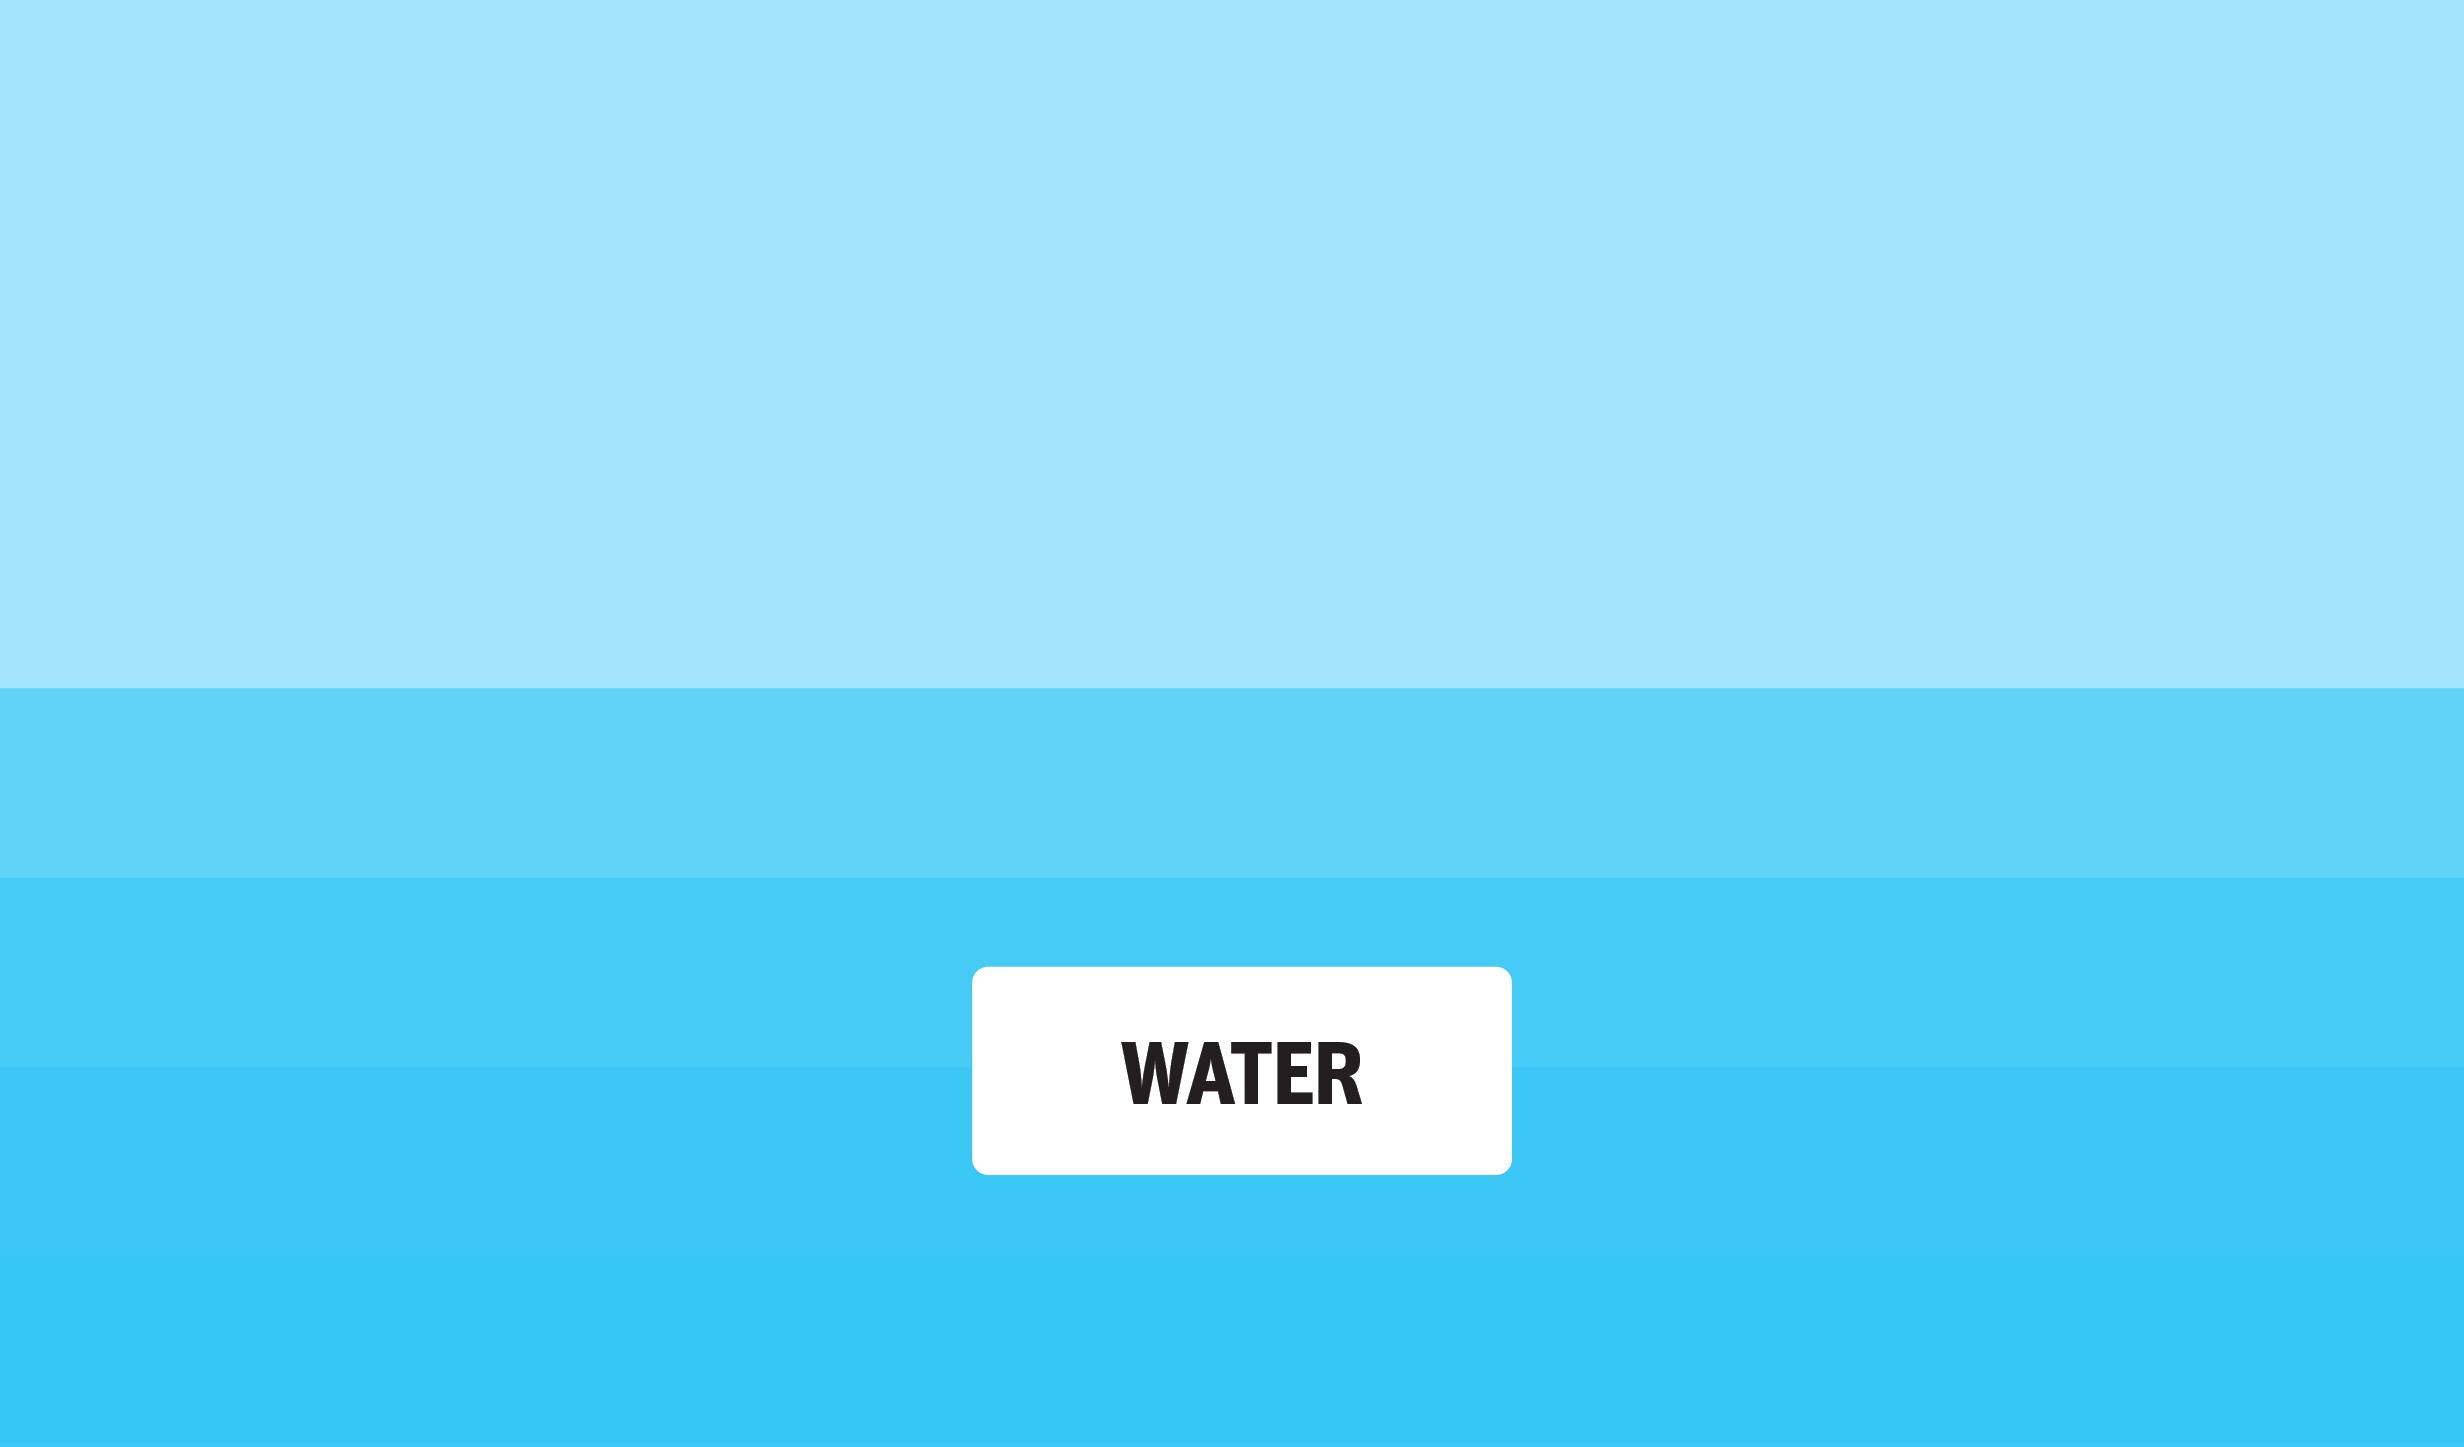 Water example-01.jpg